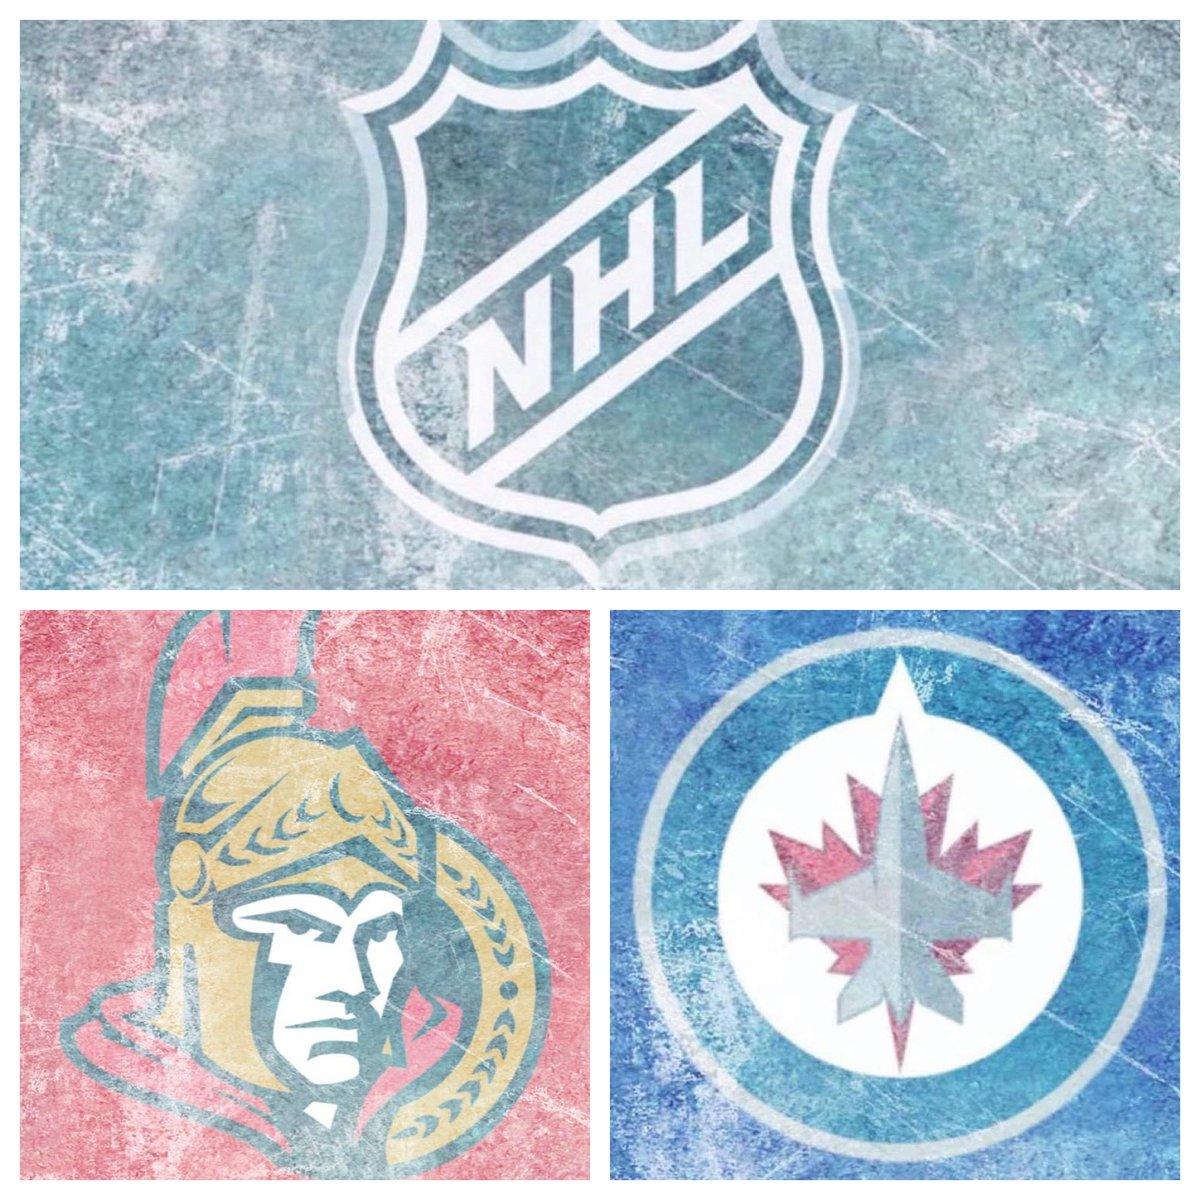 #IESRSN #Senators @ #Jets is underway! #NHL #OTTvsWPG #GoSensGo #GoJetsGo